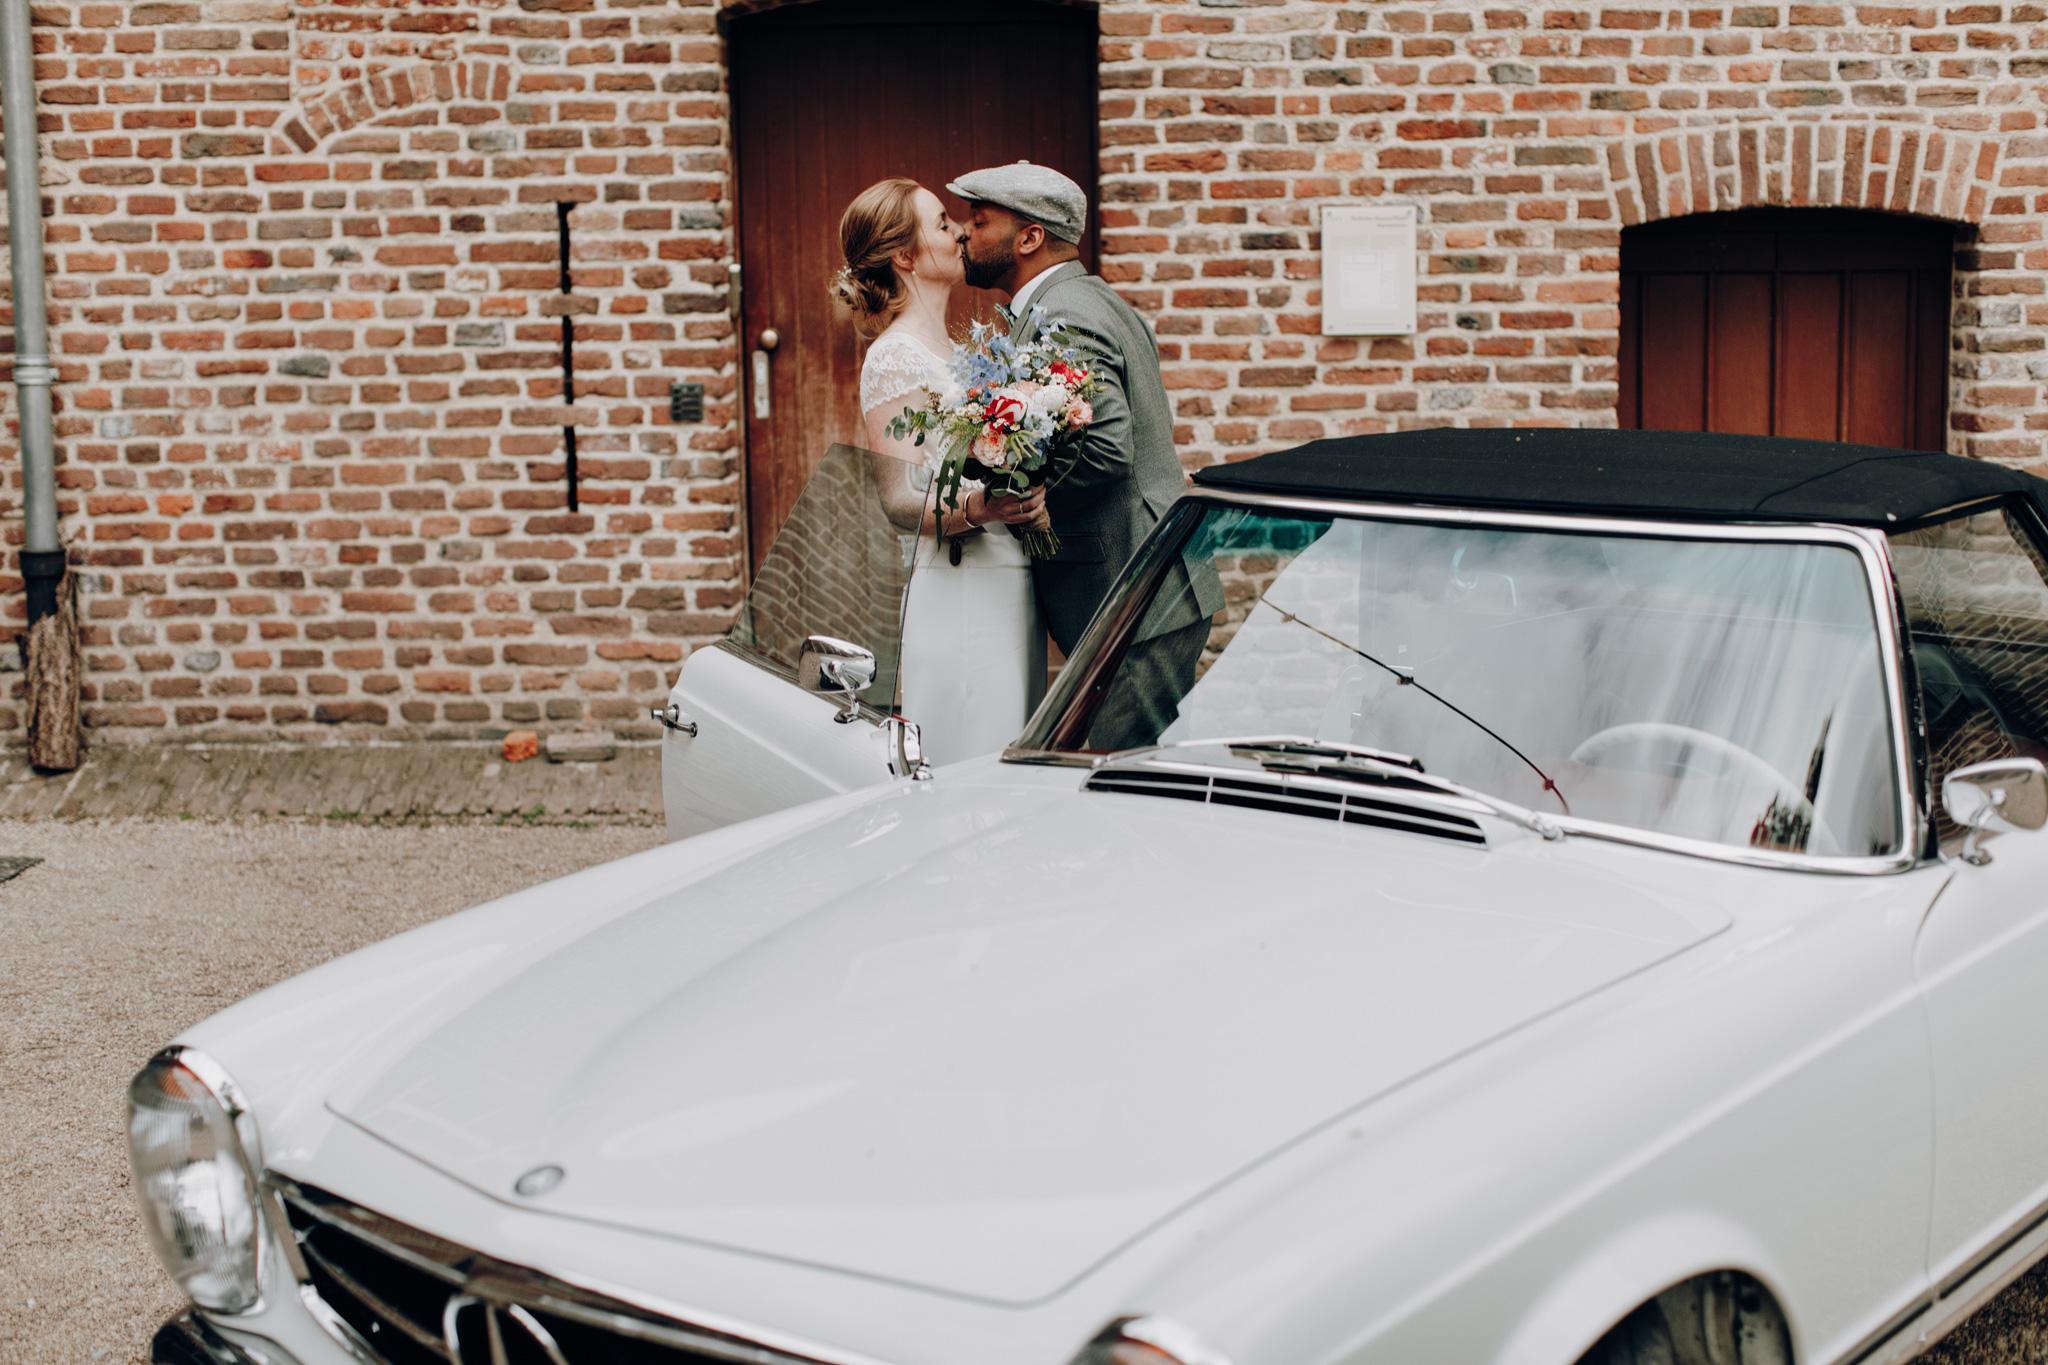 Bruid en bruidegom kussen voor trouwauto bij Kloster Graefenthal